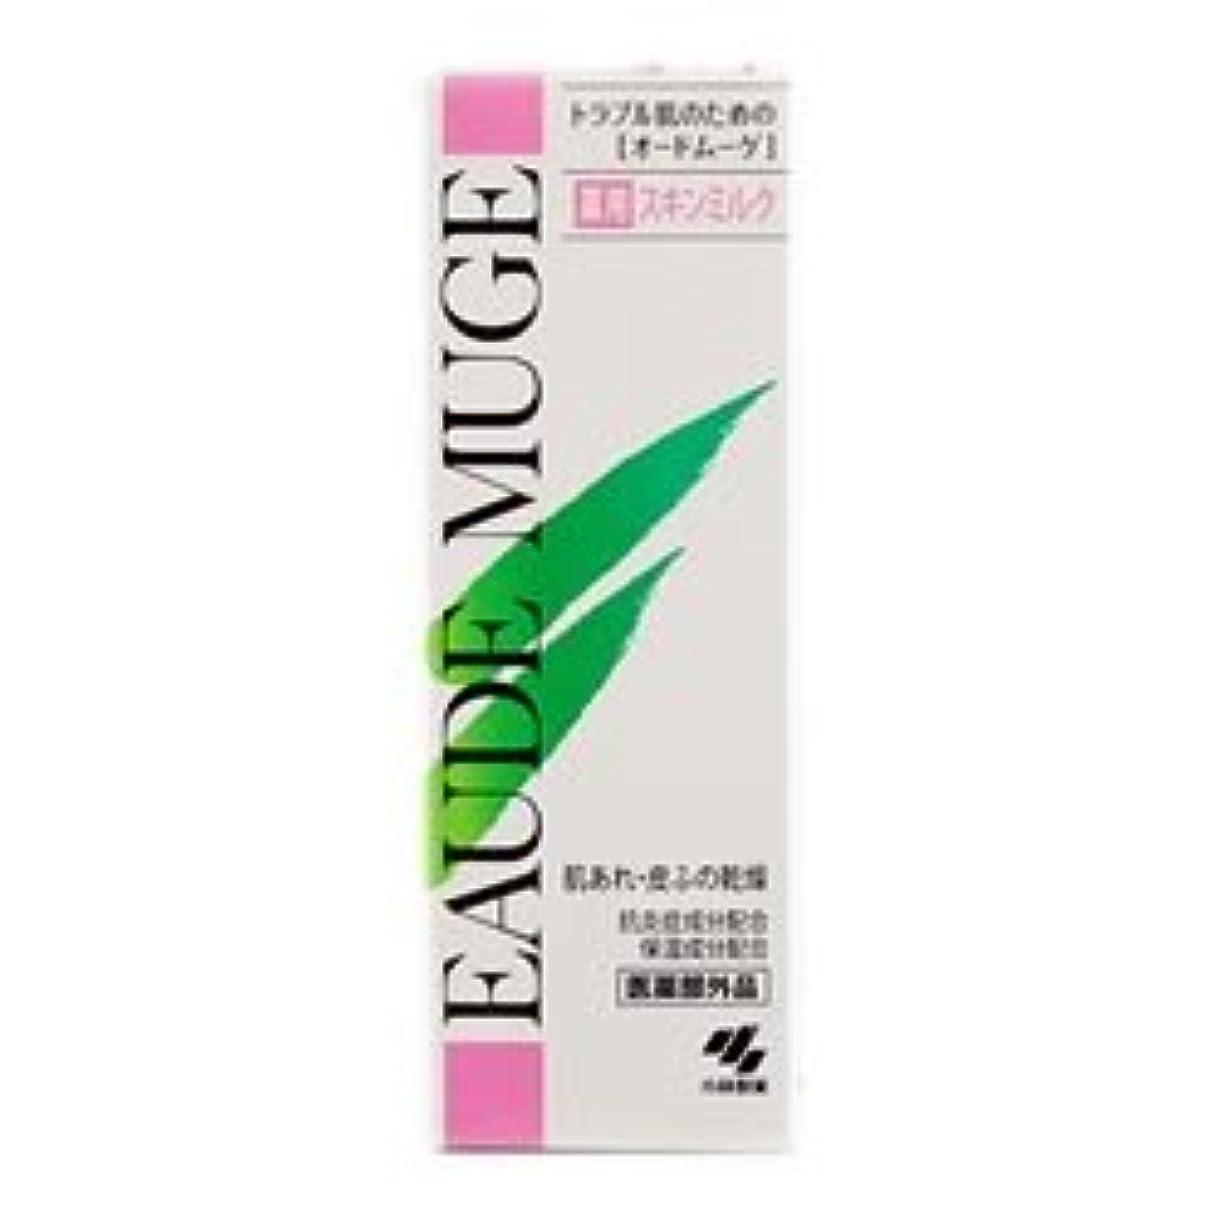 願う想像力豊かな群れ【小林製薬】オードムーゲ薬用スキンミルク 100g ×5個セット